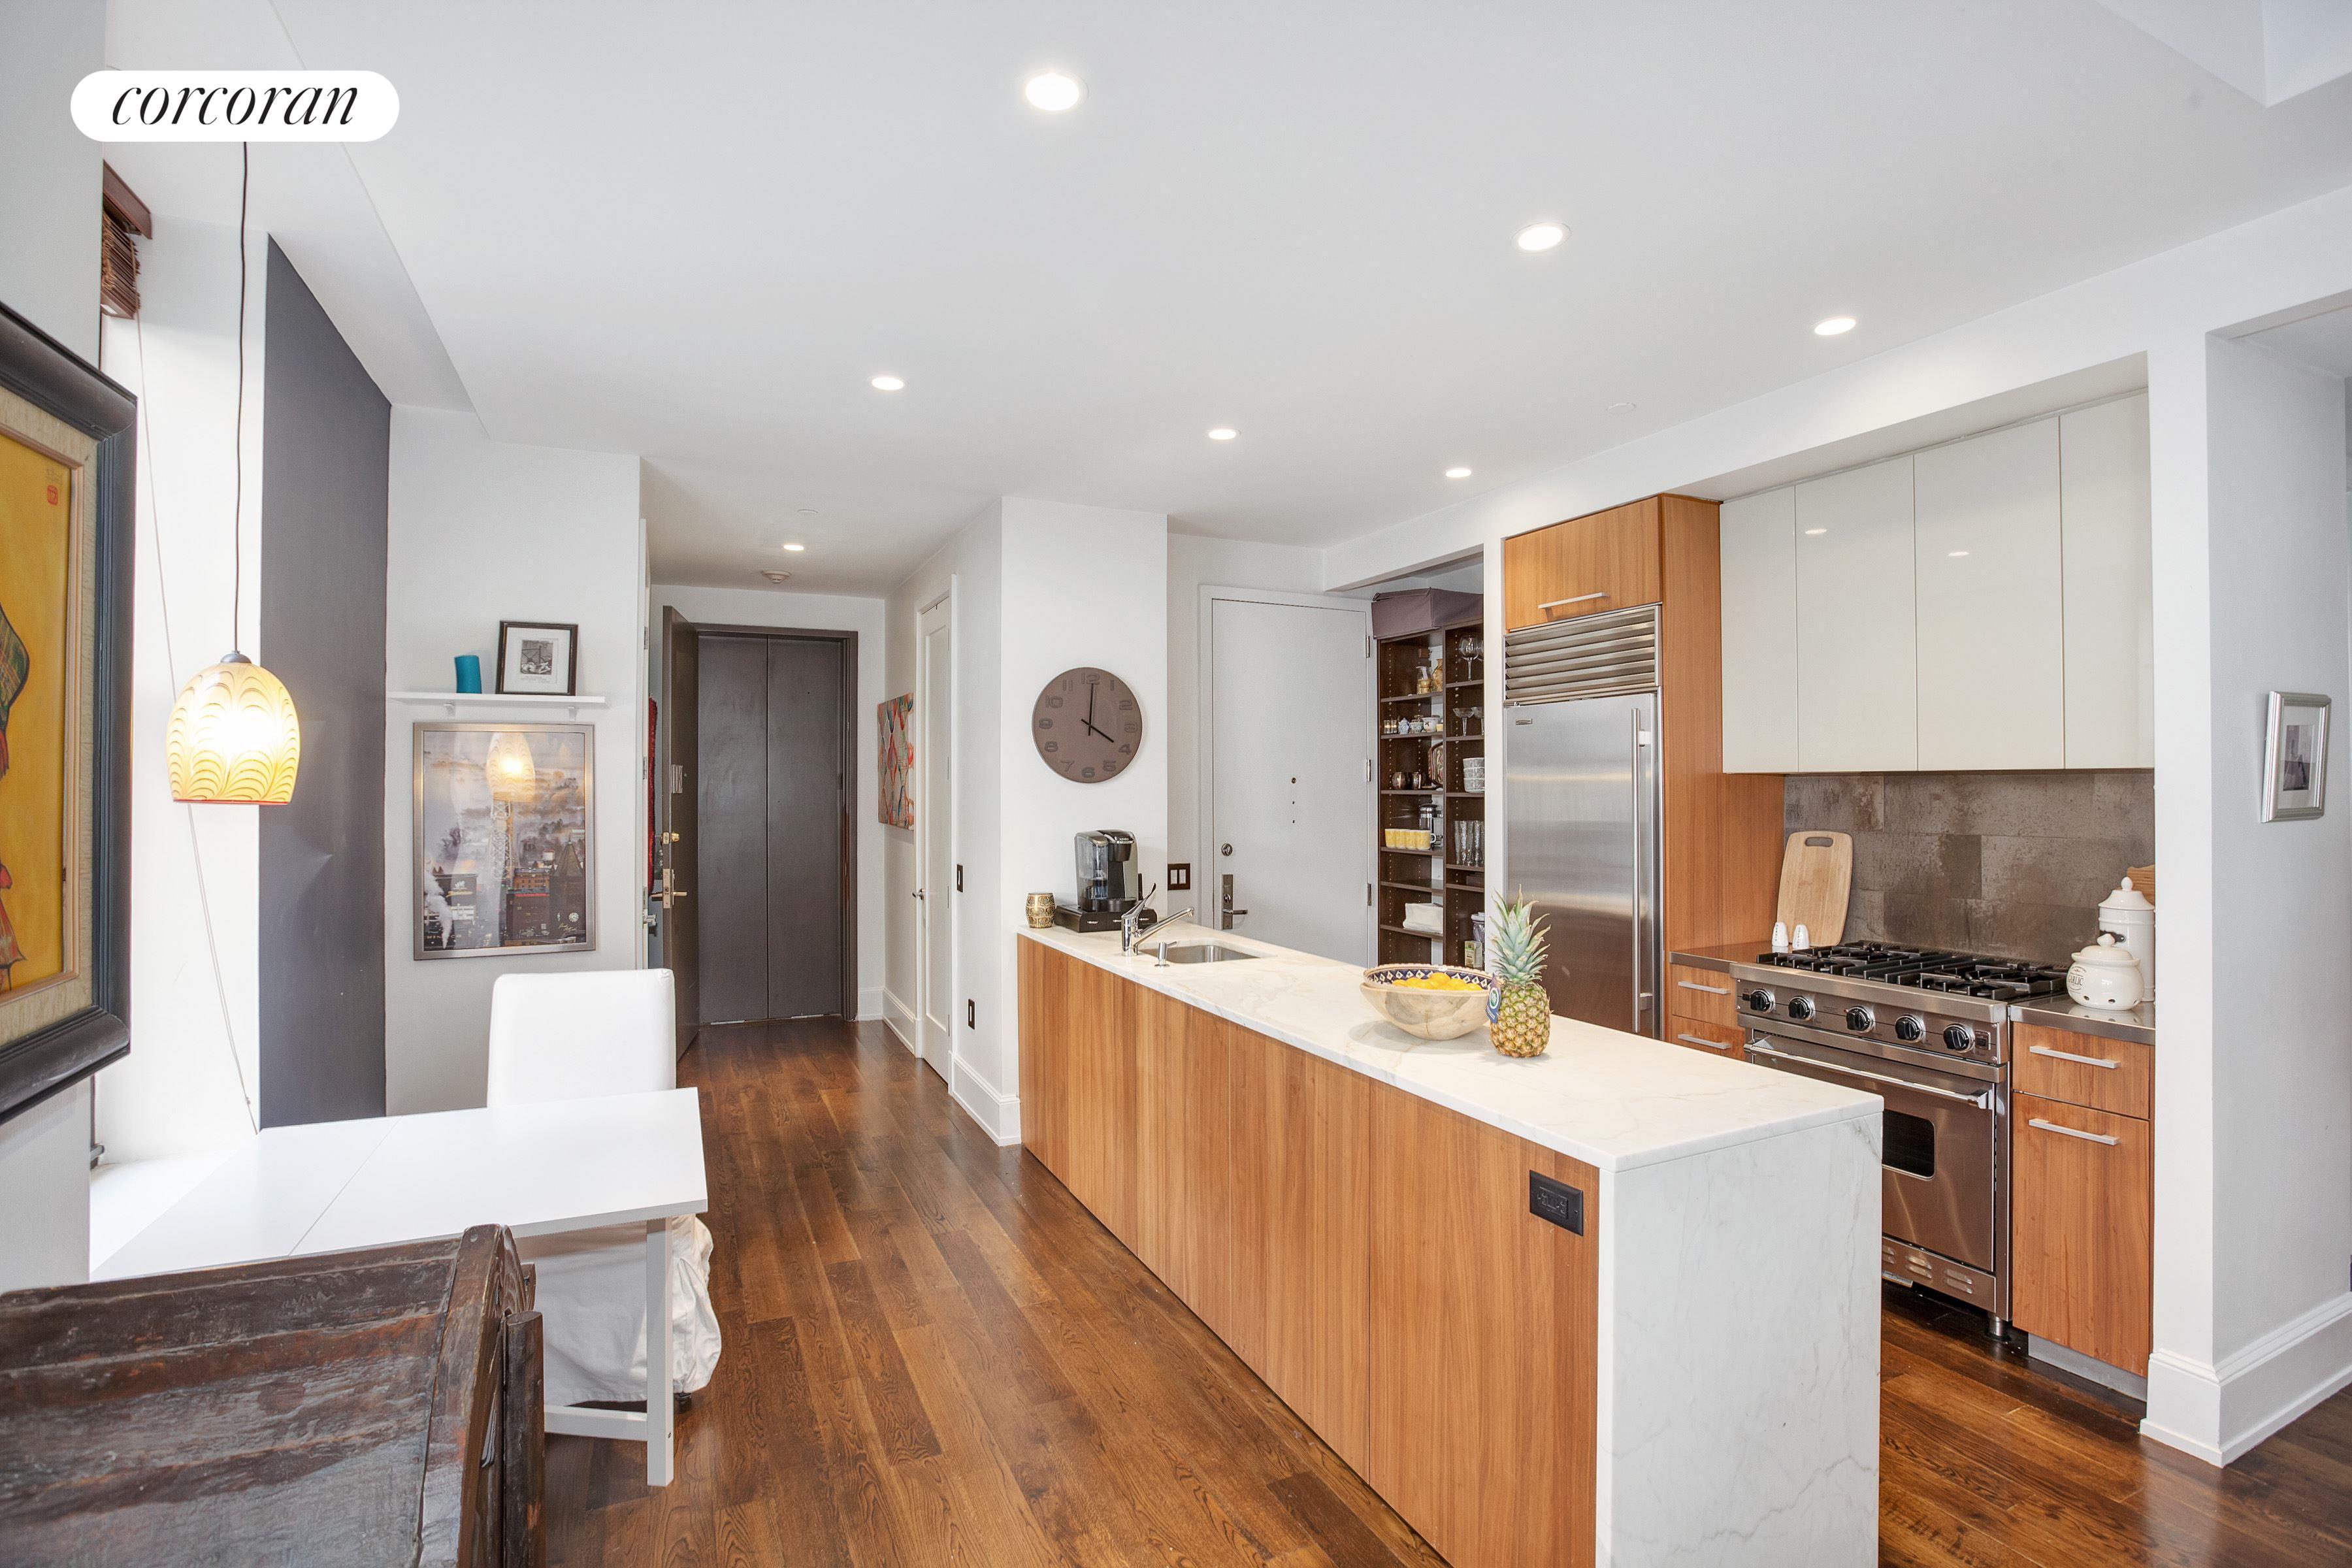 Corcoran, 260 Park Ave South, Apt. 10K, Flatiron Rentals, Manhattan ...